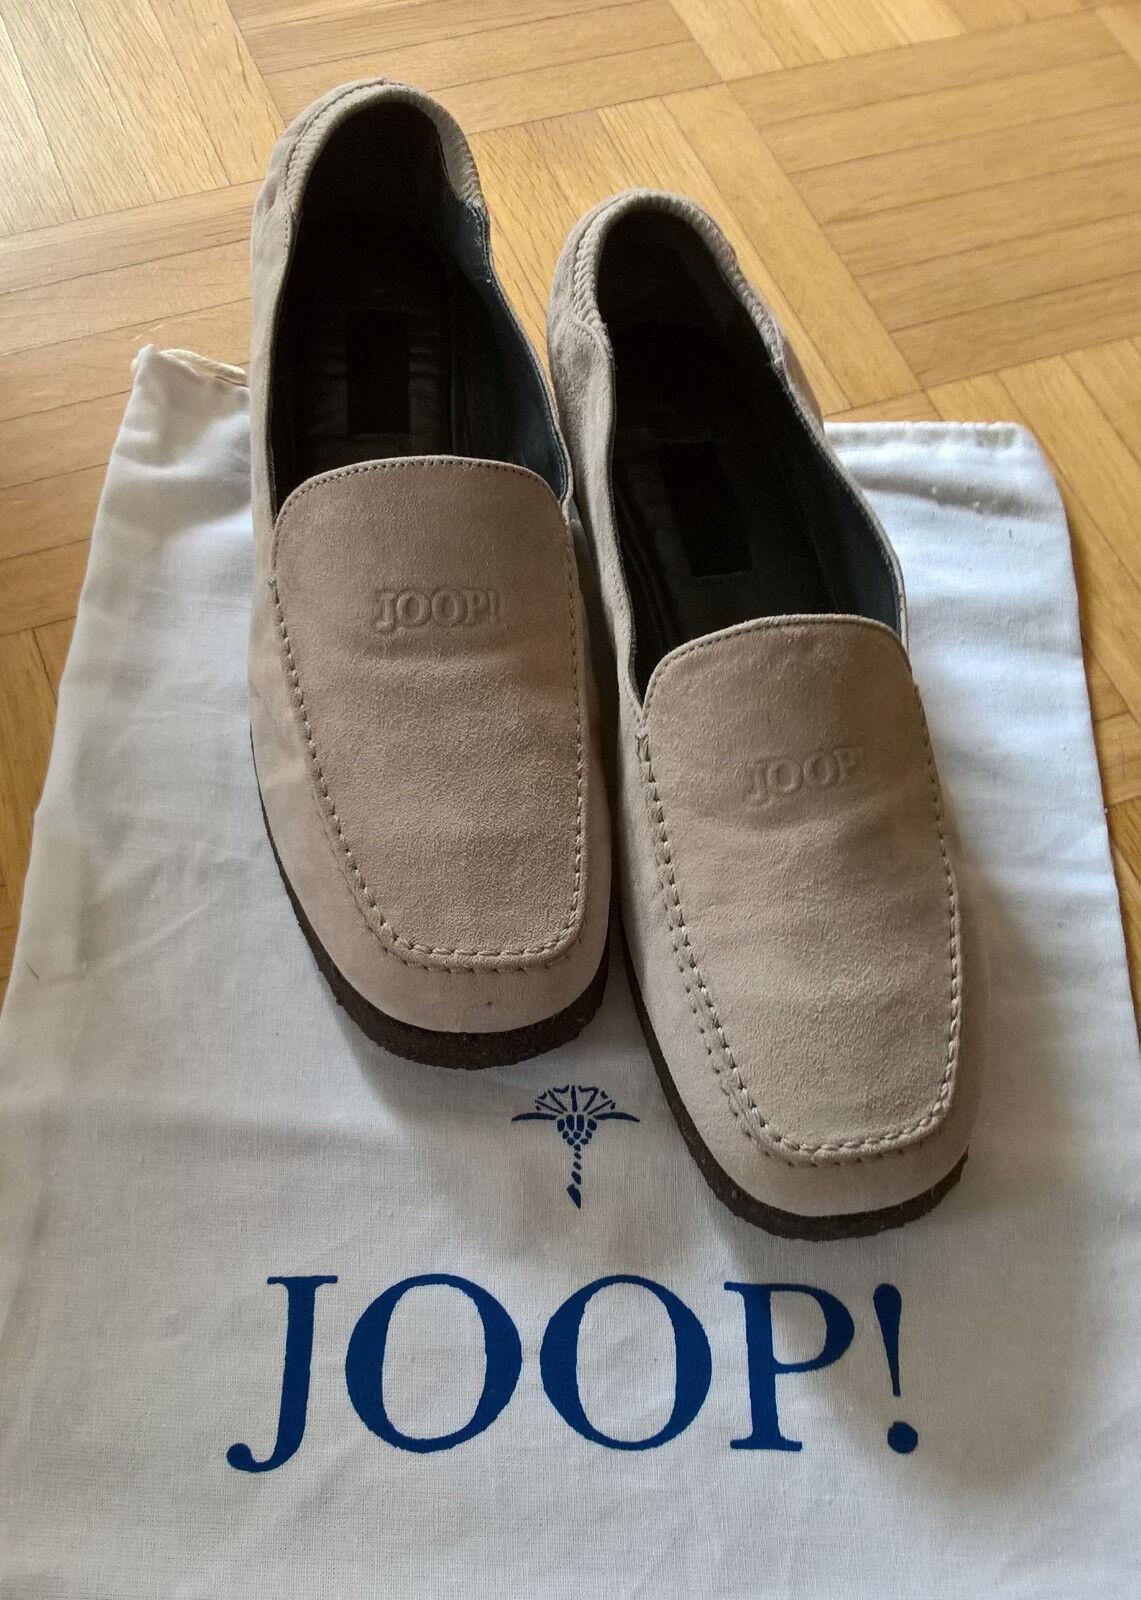 Grauer Loafer von Joop, Wildleder, Gr. 37,5, NEU und UNGETRAGEN